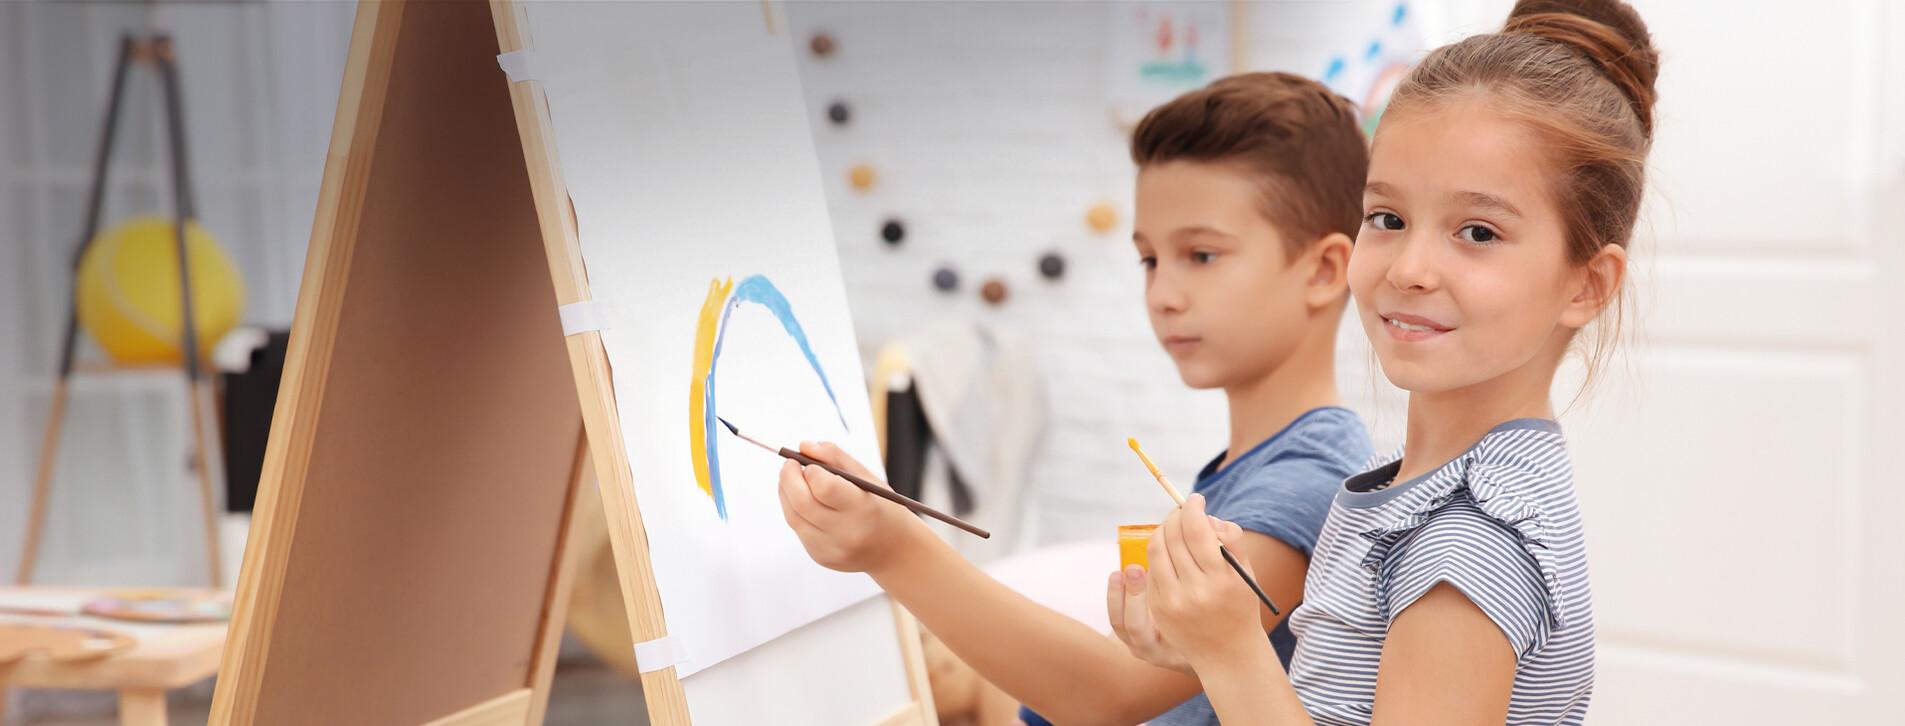 Фото 1 - Детский мастер-класс живописи для двоих